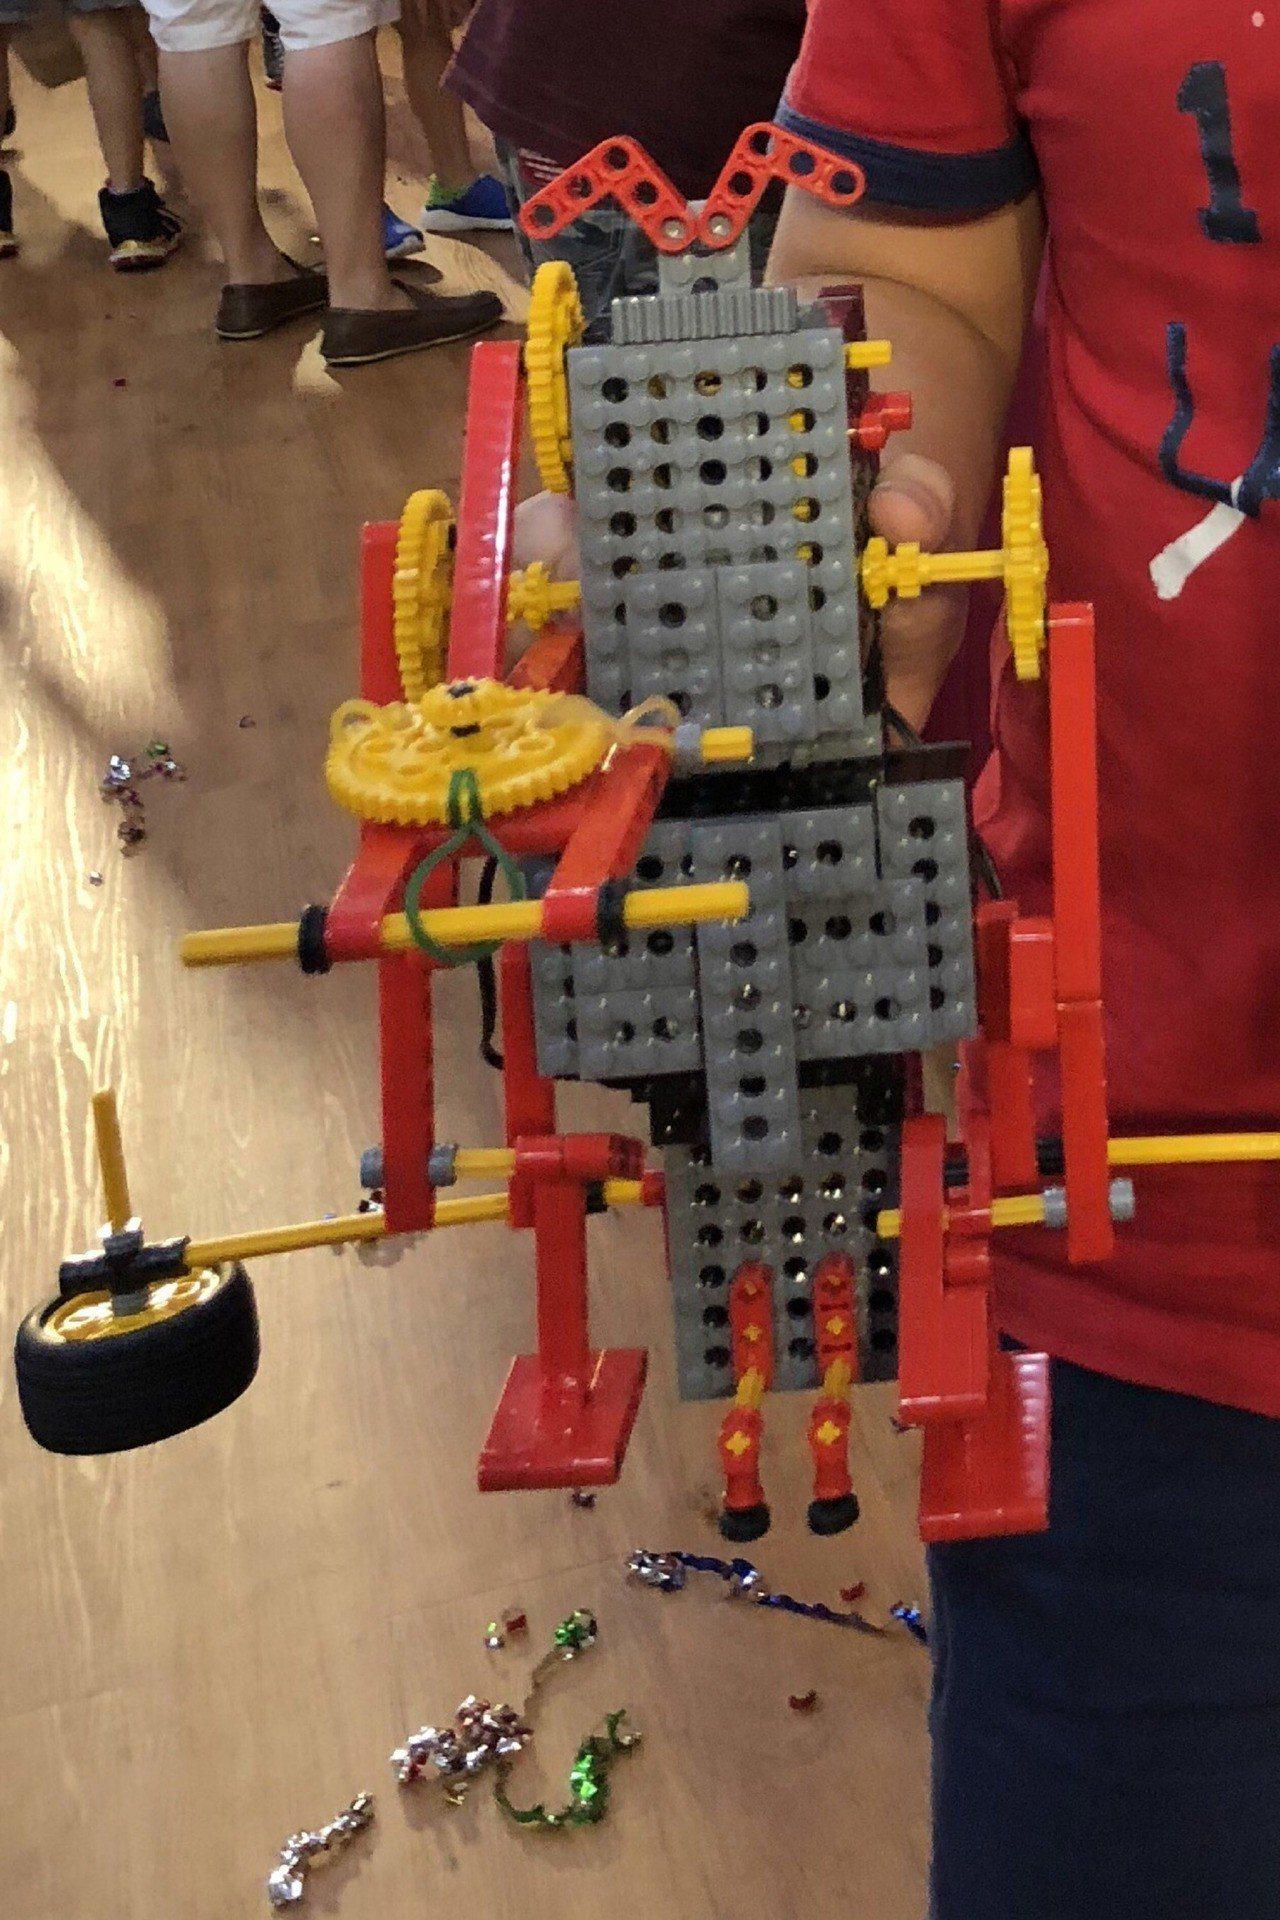 台灣修曼機器人教室創意交流大會15日在南台科技大學舉行,就讀高雄市新甲國小五年級...